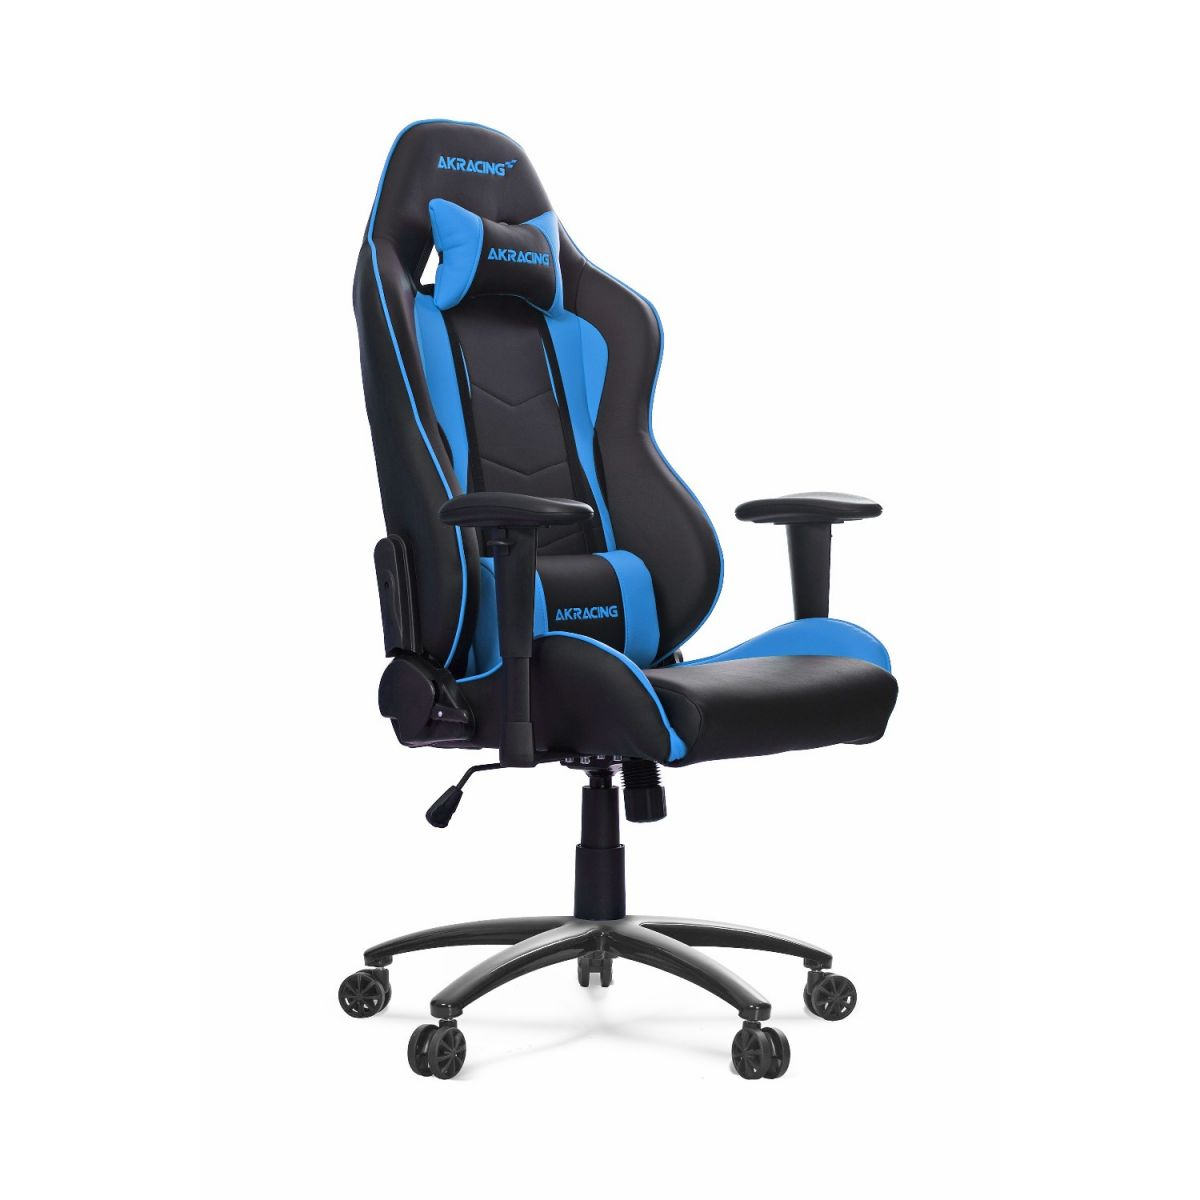 Cadeira AKRacing Nitro Gaming Blue AK-NITRO-BL - AKRacing